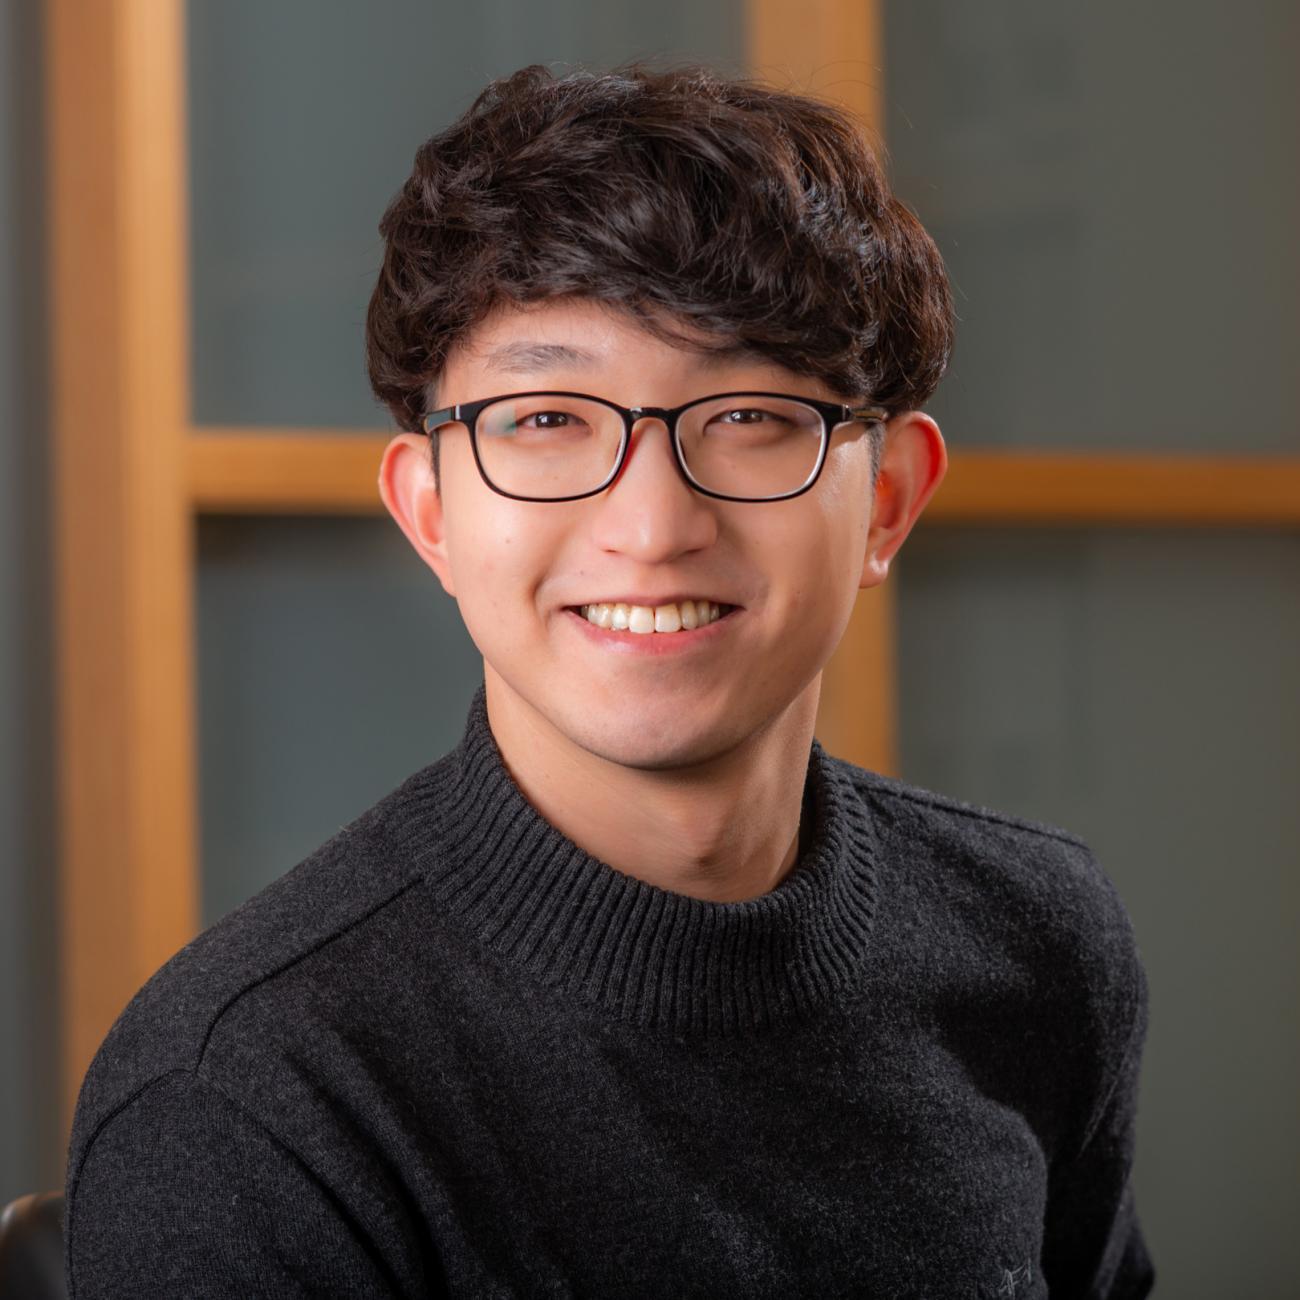 Jiwon Seo